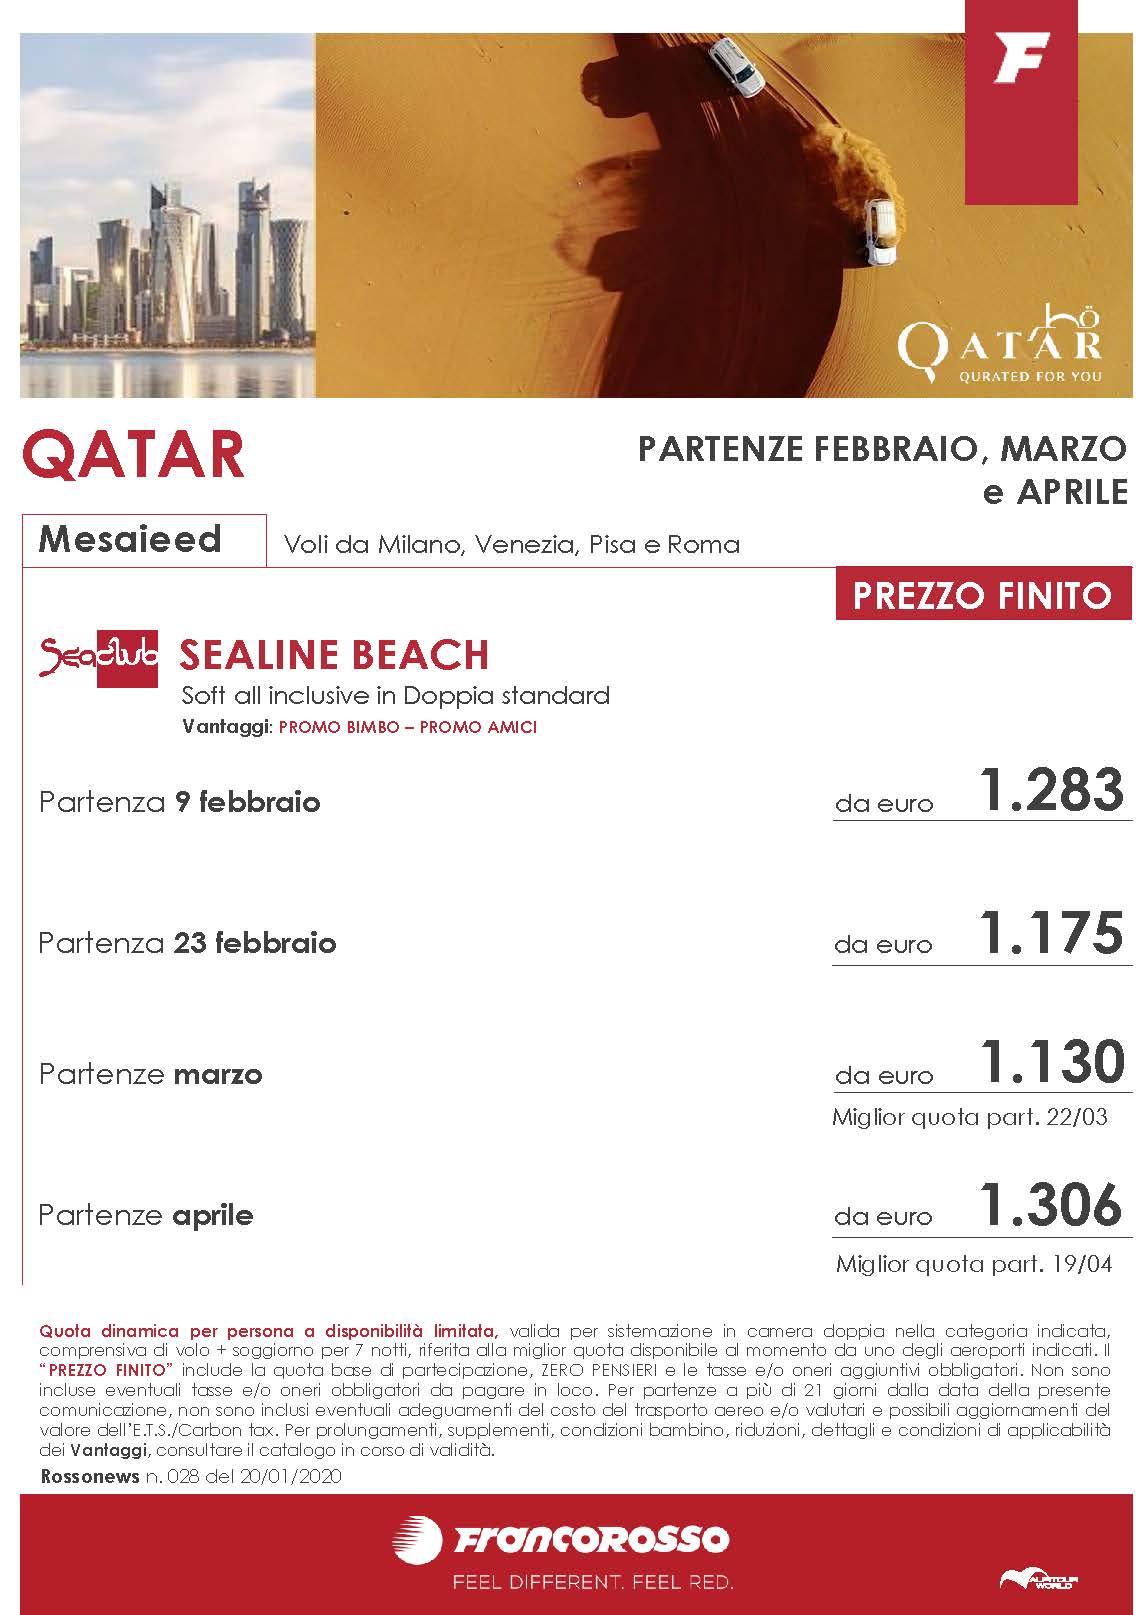 Qatar e Dubai_Pagina_1